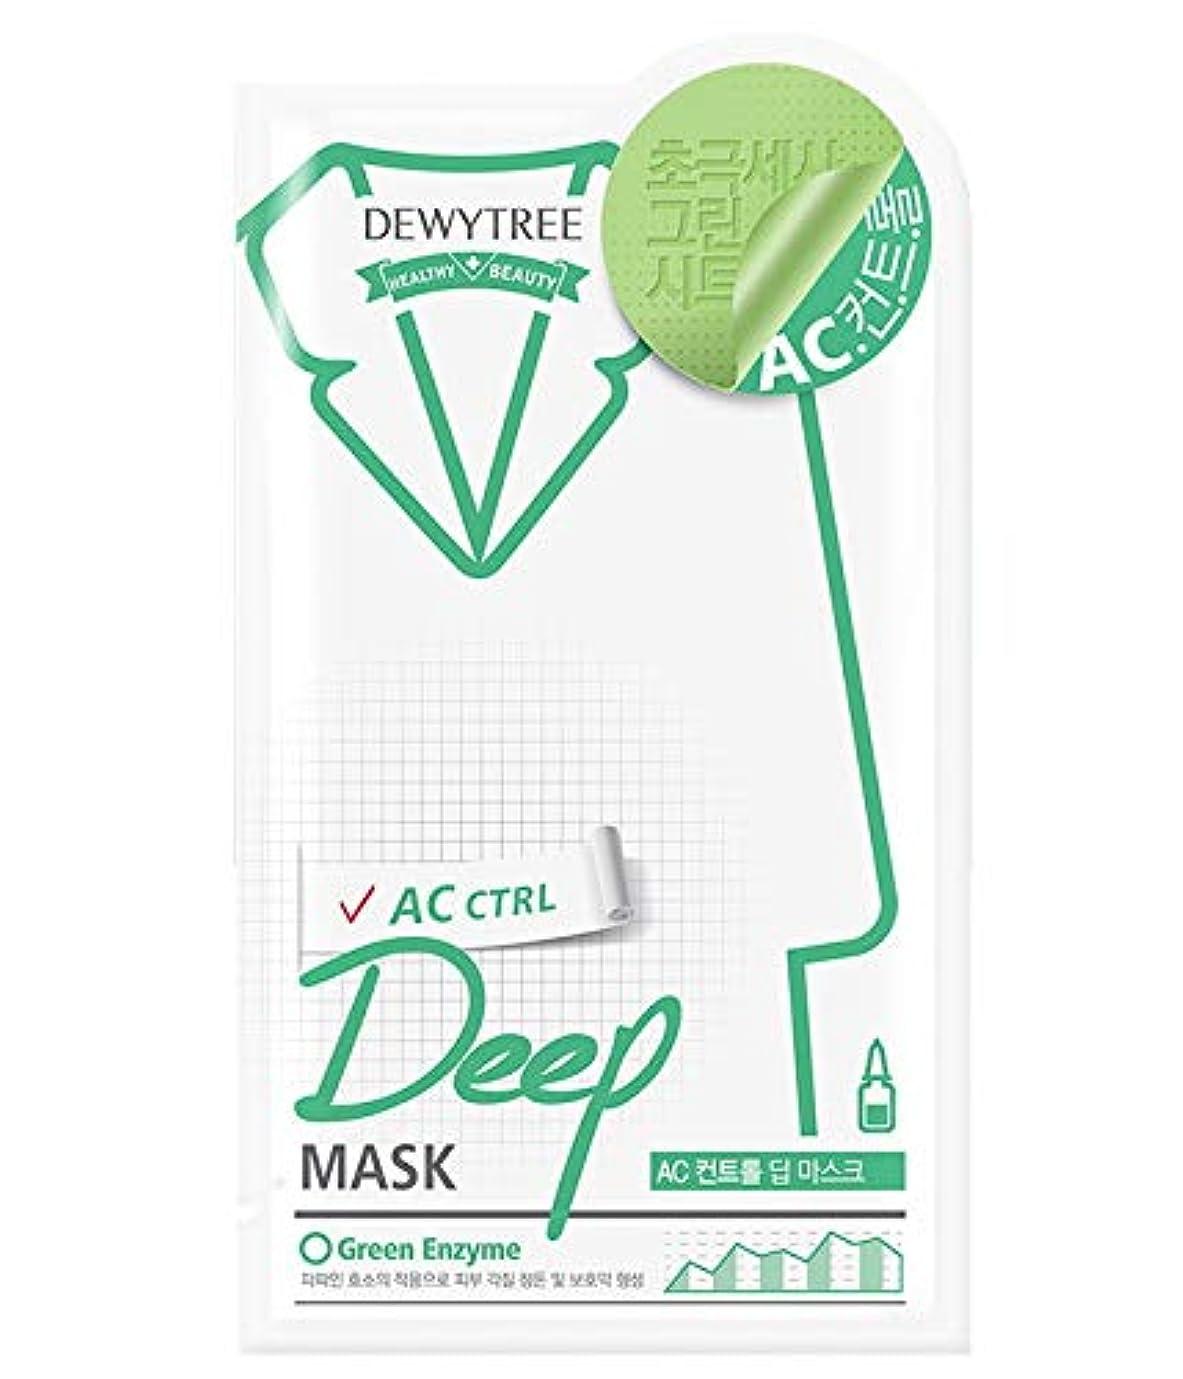 摂氏度施設わな(デューイトゥリー) DEWYTREE ACコントロールディープマスク 20枚 AC Control Deep Mask 韓国マスクパック (並行輸入品)